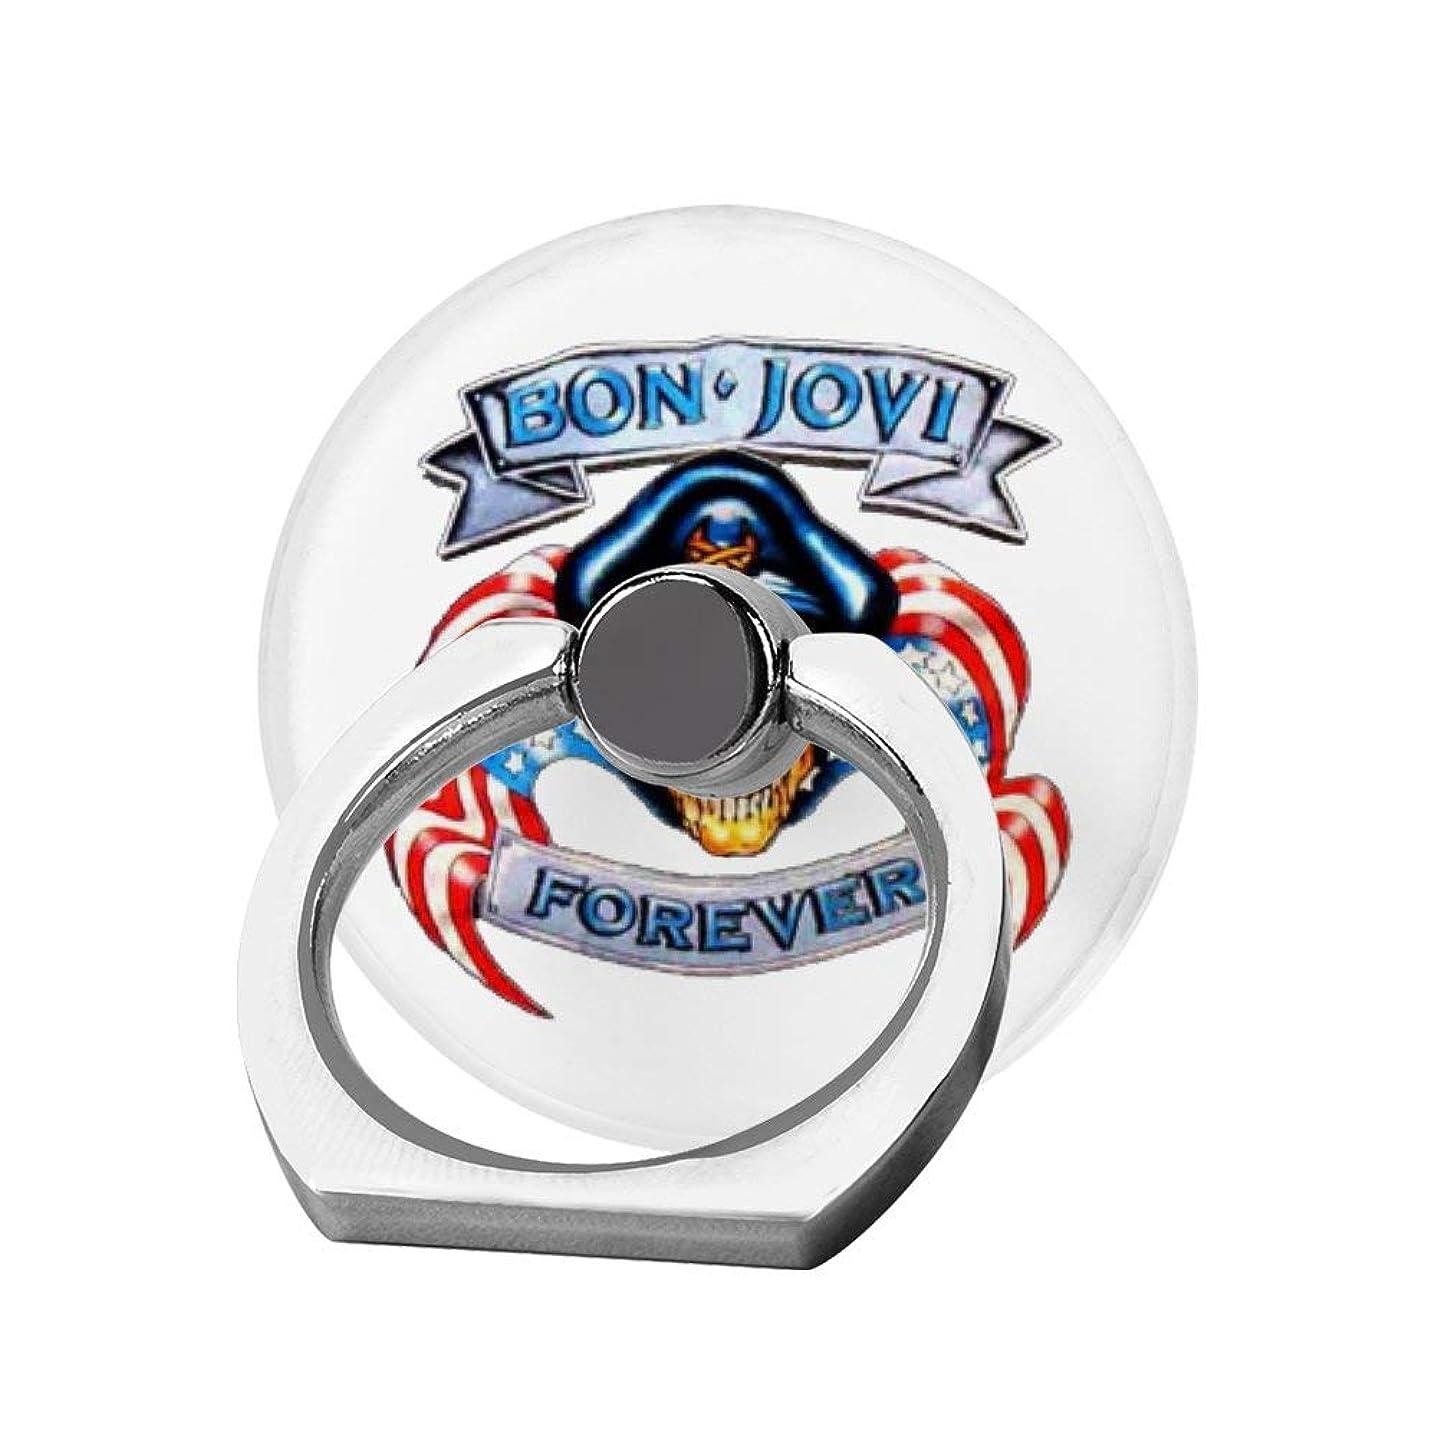 ハリケーン安全性ゆりかごスマホリング 携帯リング 指リング 薄型 落下防止 スタンド機能 ボン ジョヴィ バンカーリング 指輪リング タブレット/各種他対応 360回転 スマホブラケット